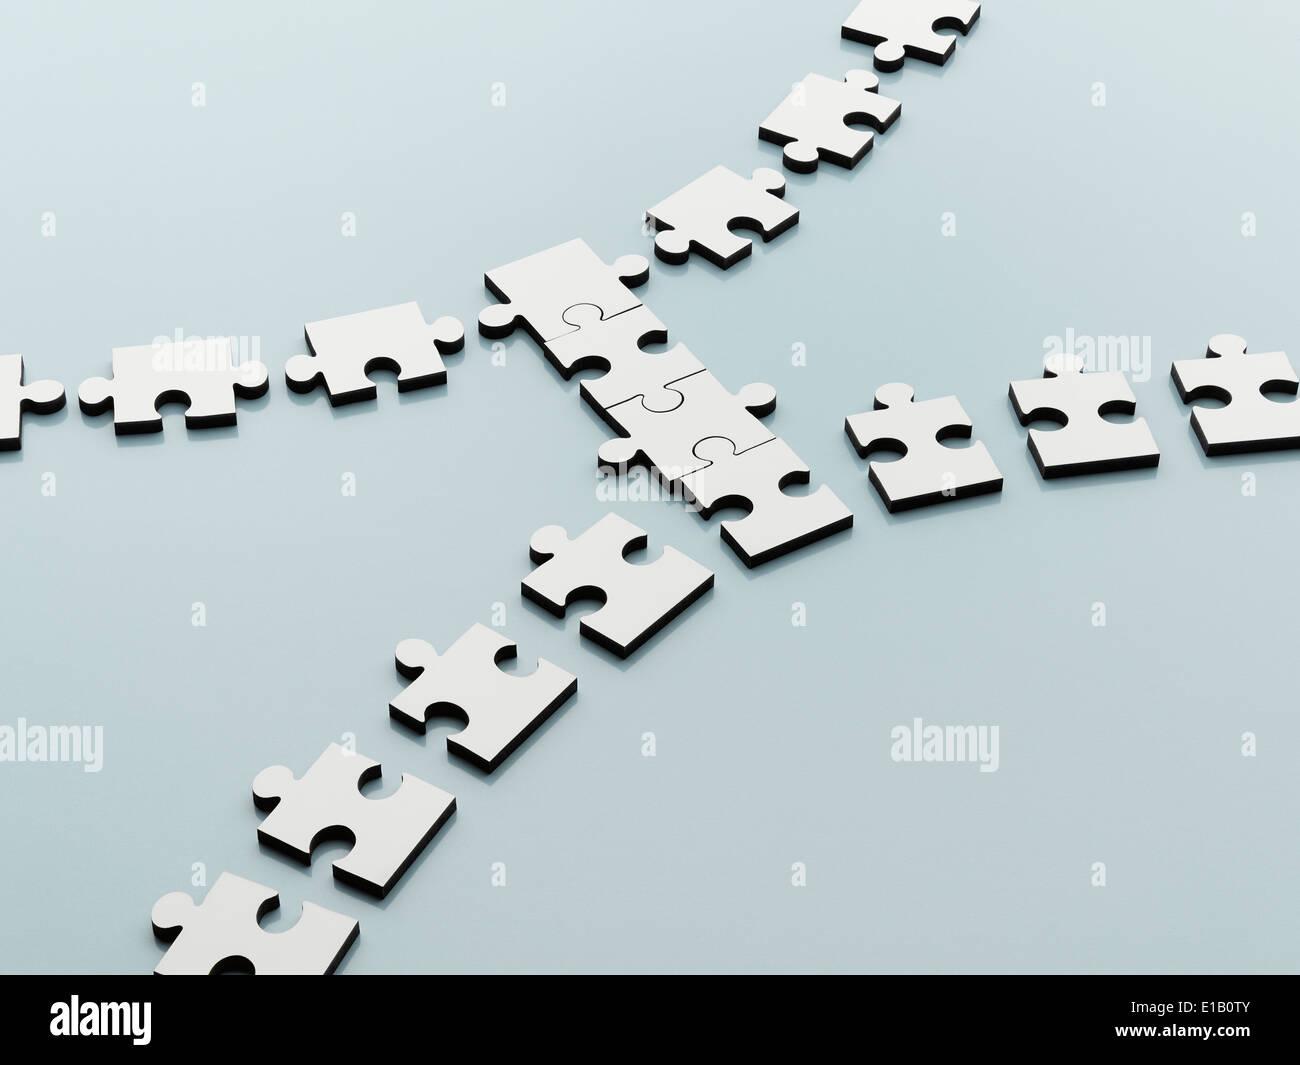 Puzzleteile, die Schließung der Lücke Stockbild